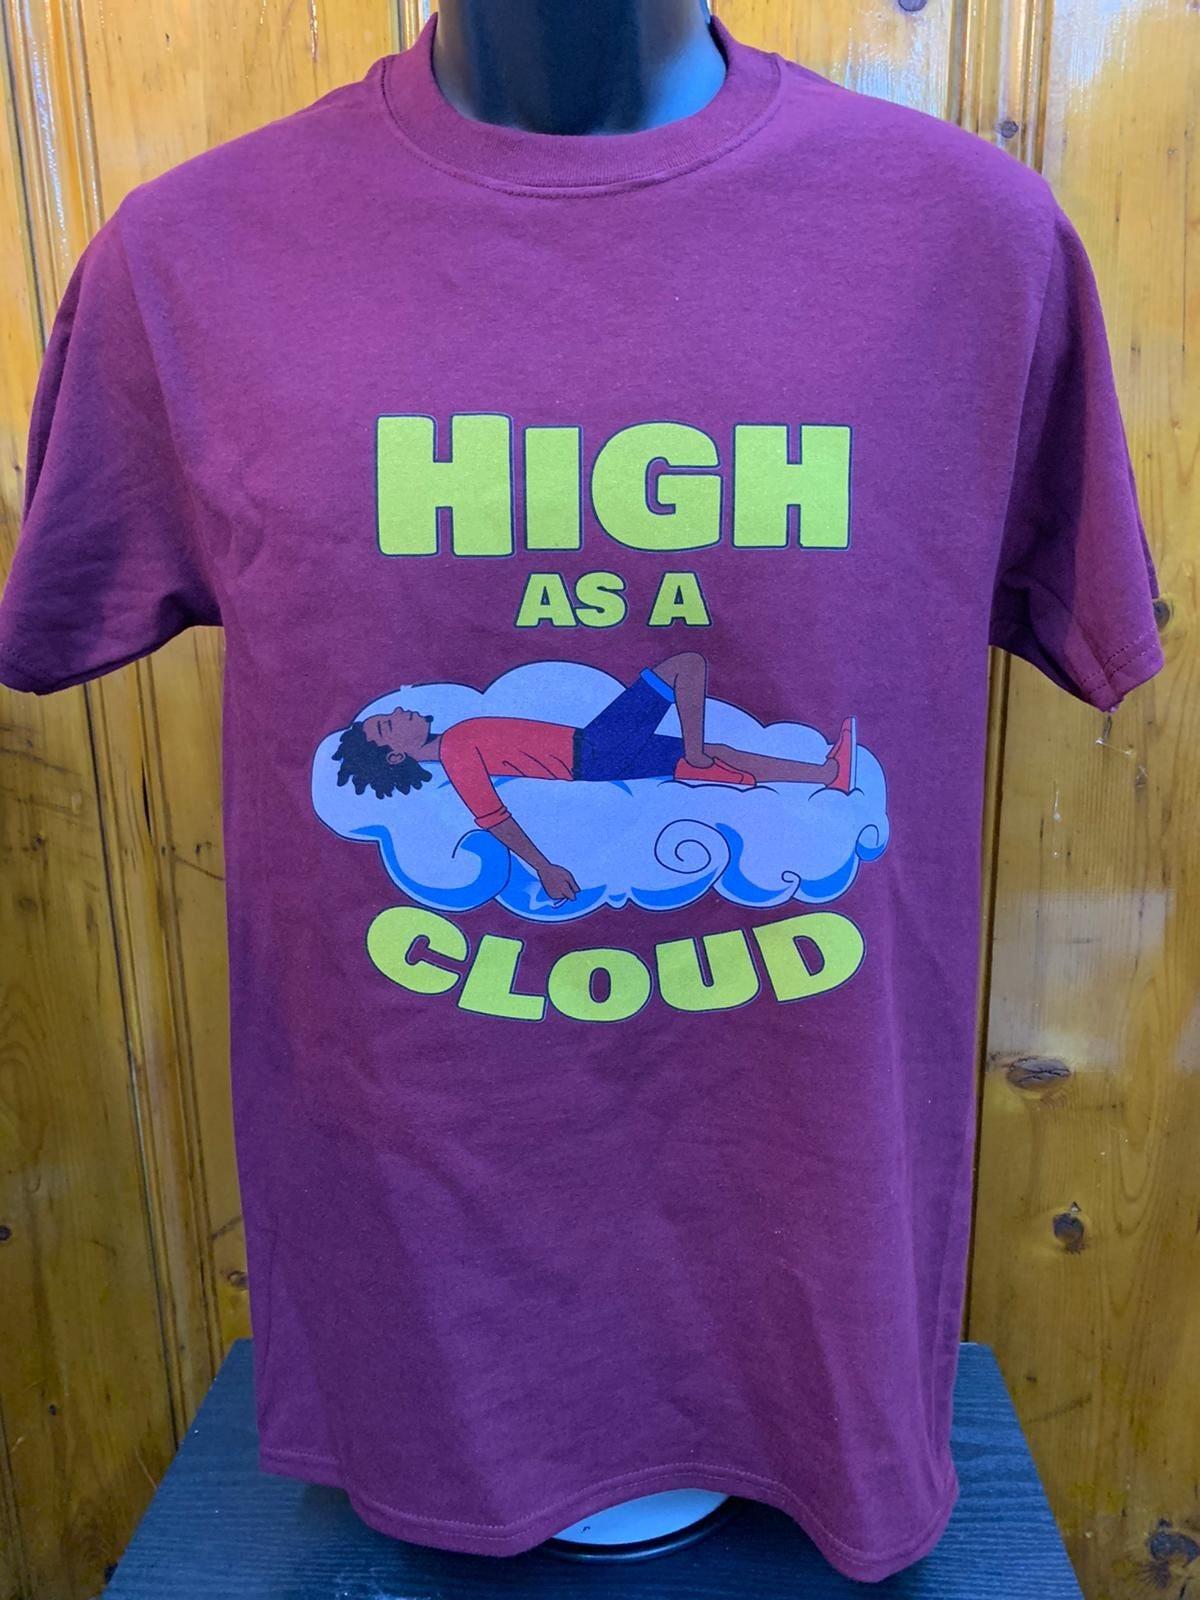 High as a cloud t-shirt